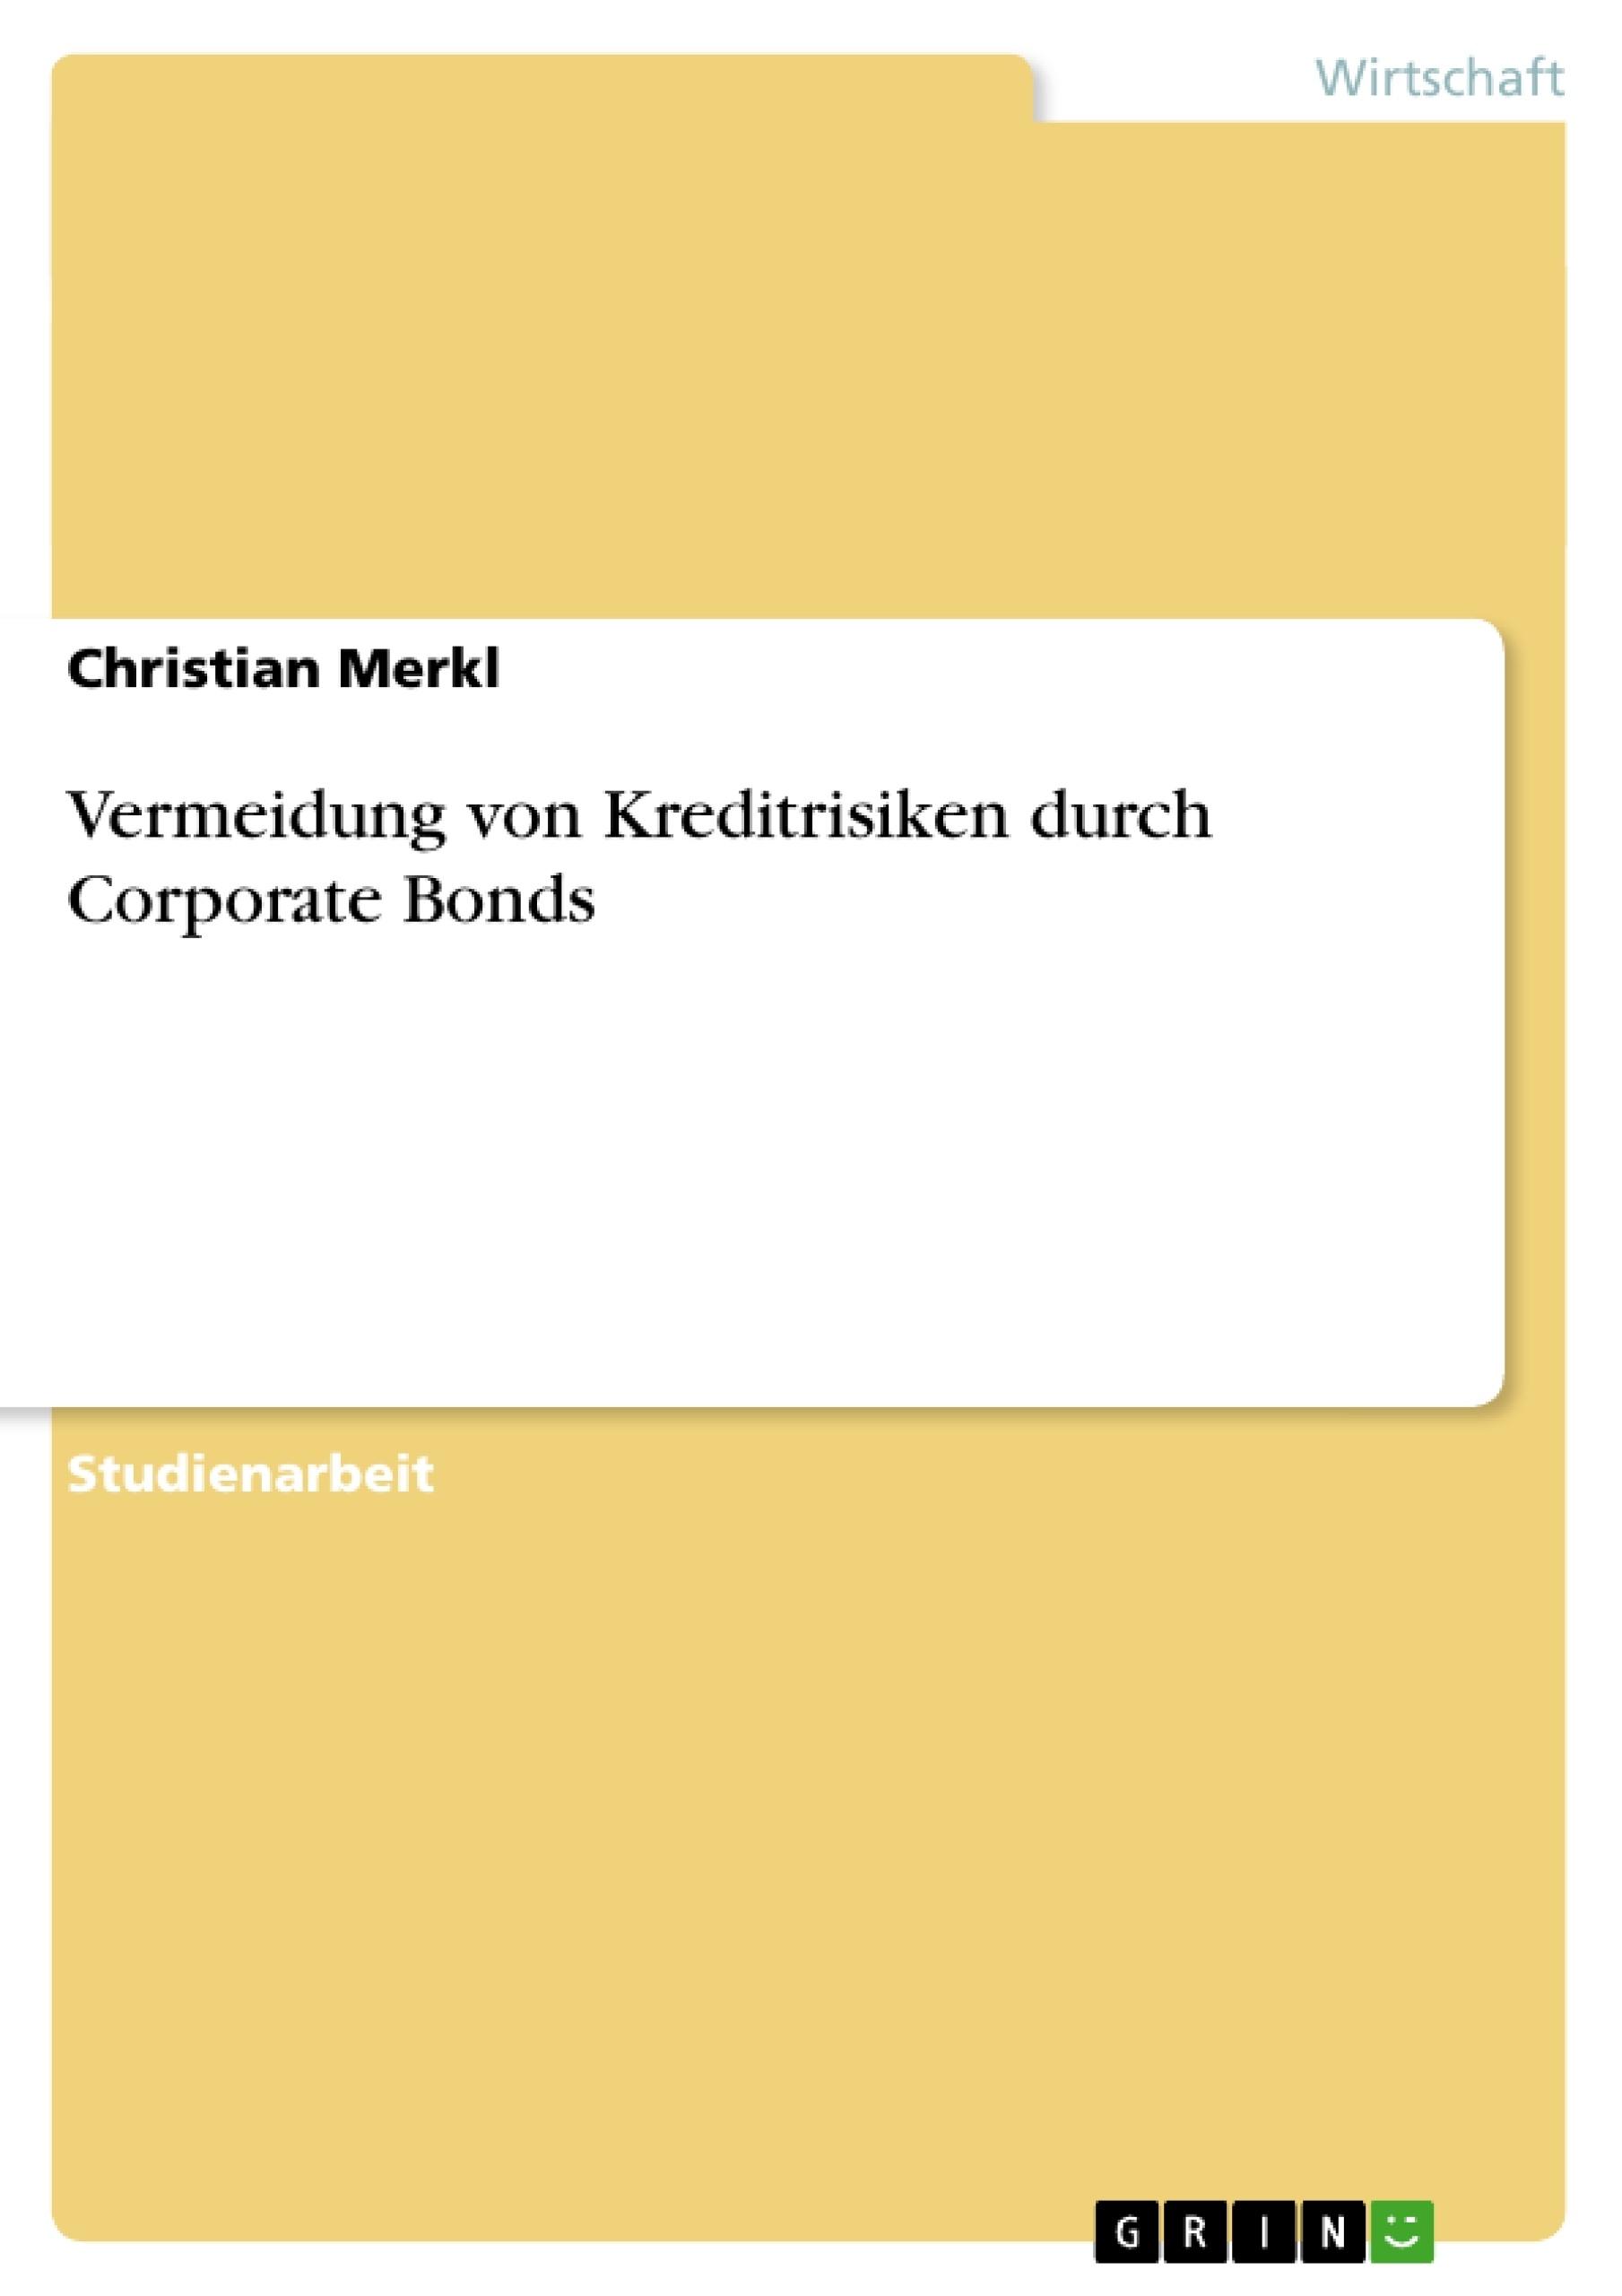 Titel: Vermeidung von Kreditrisiken durch Corporate Bonds